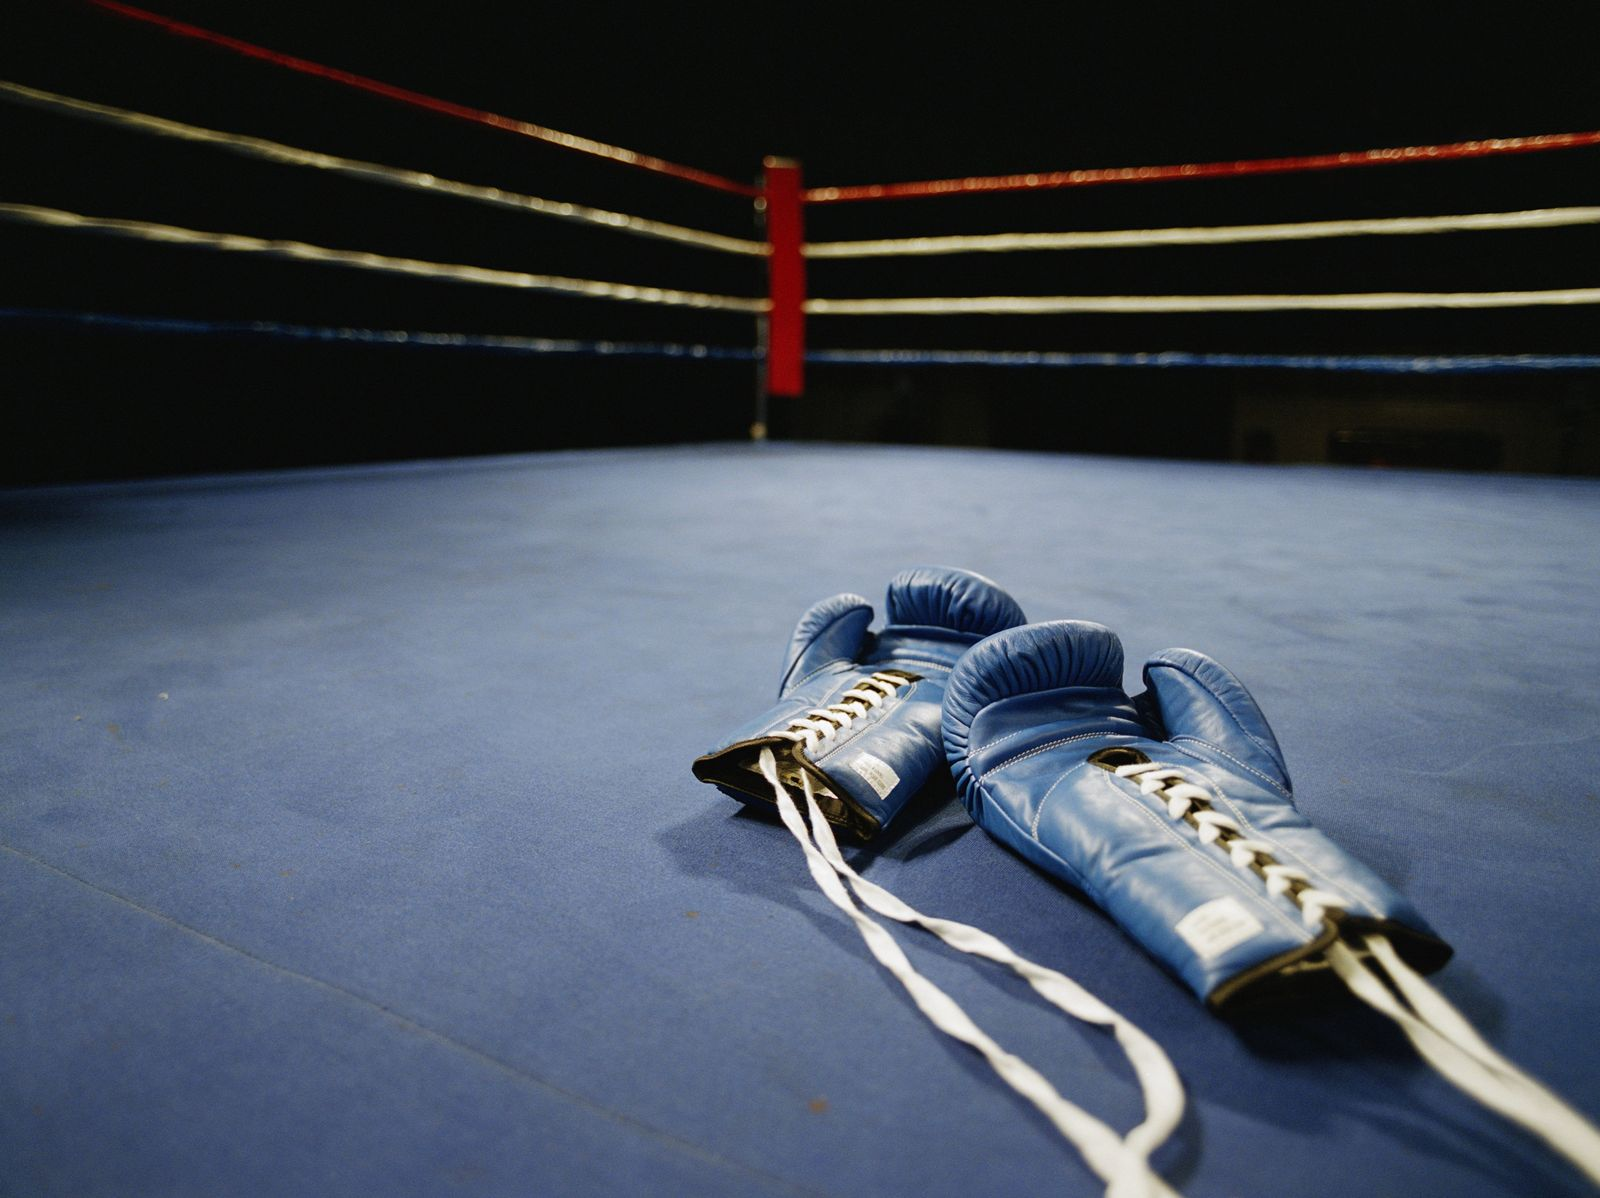 NICHT MEHR VERWENDEN! - Symbolbild Boxen/ Boxende/ Boxhandschuhe/ Boxring